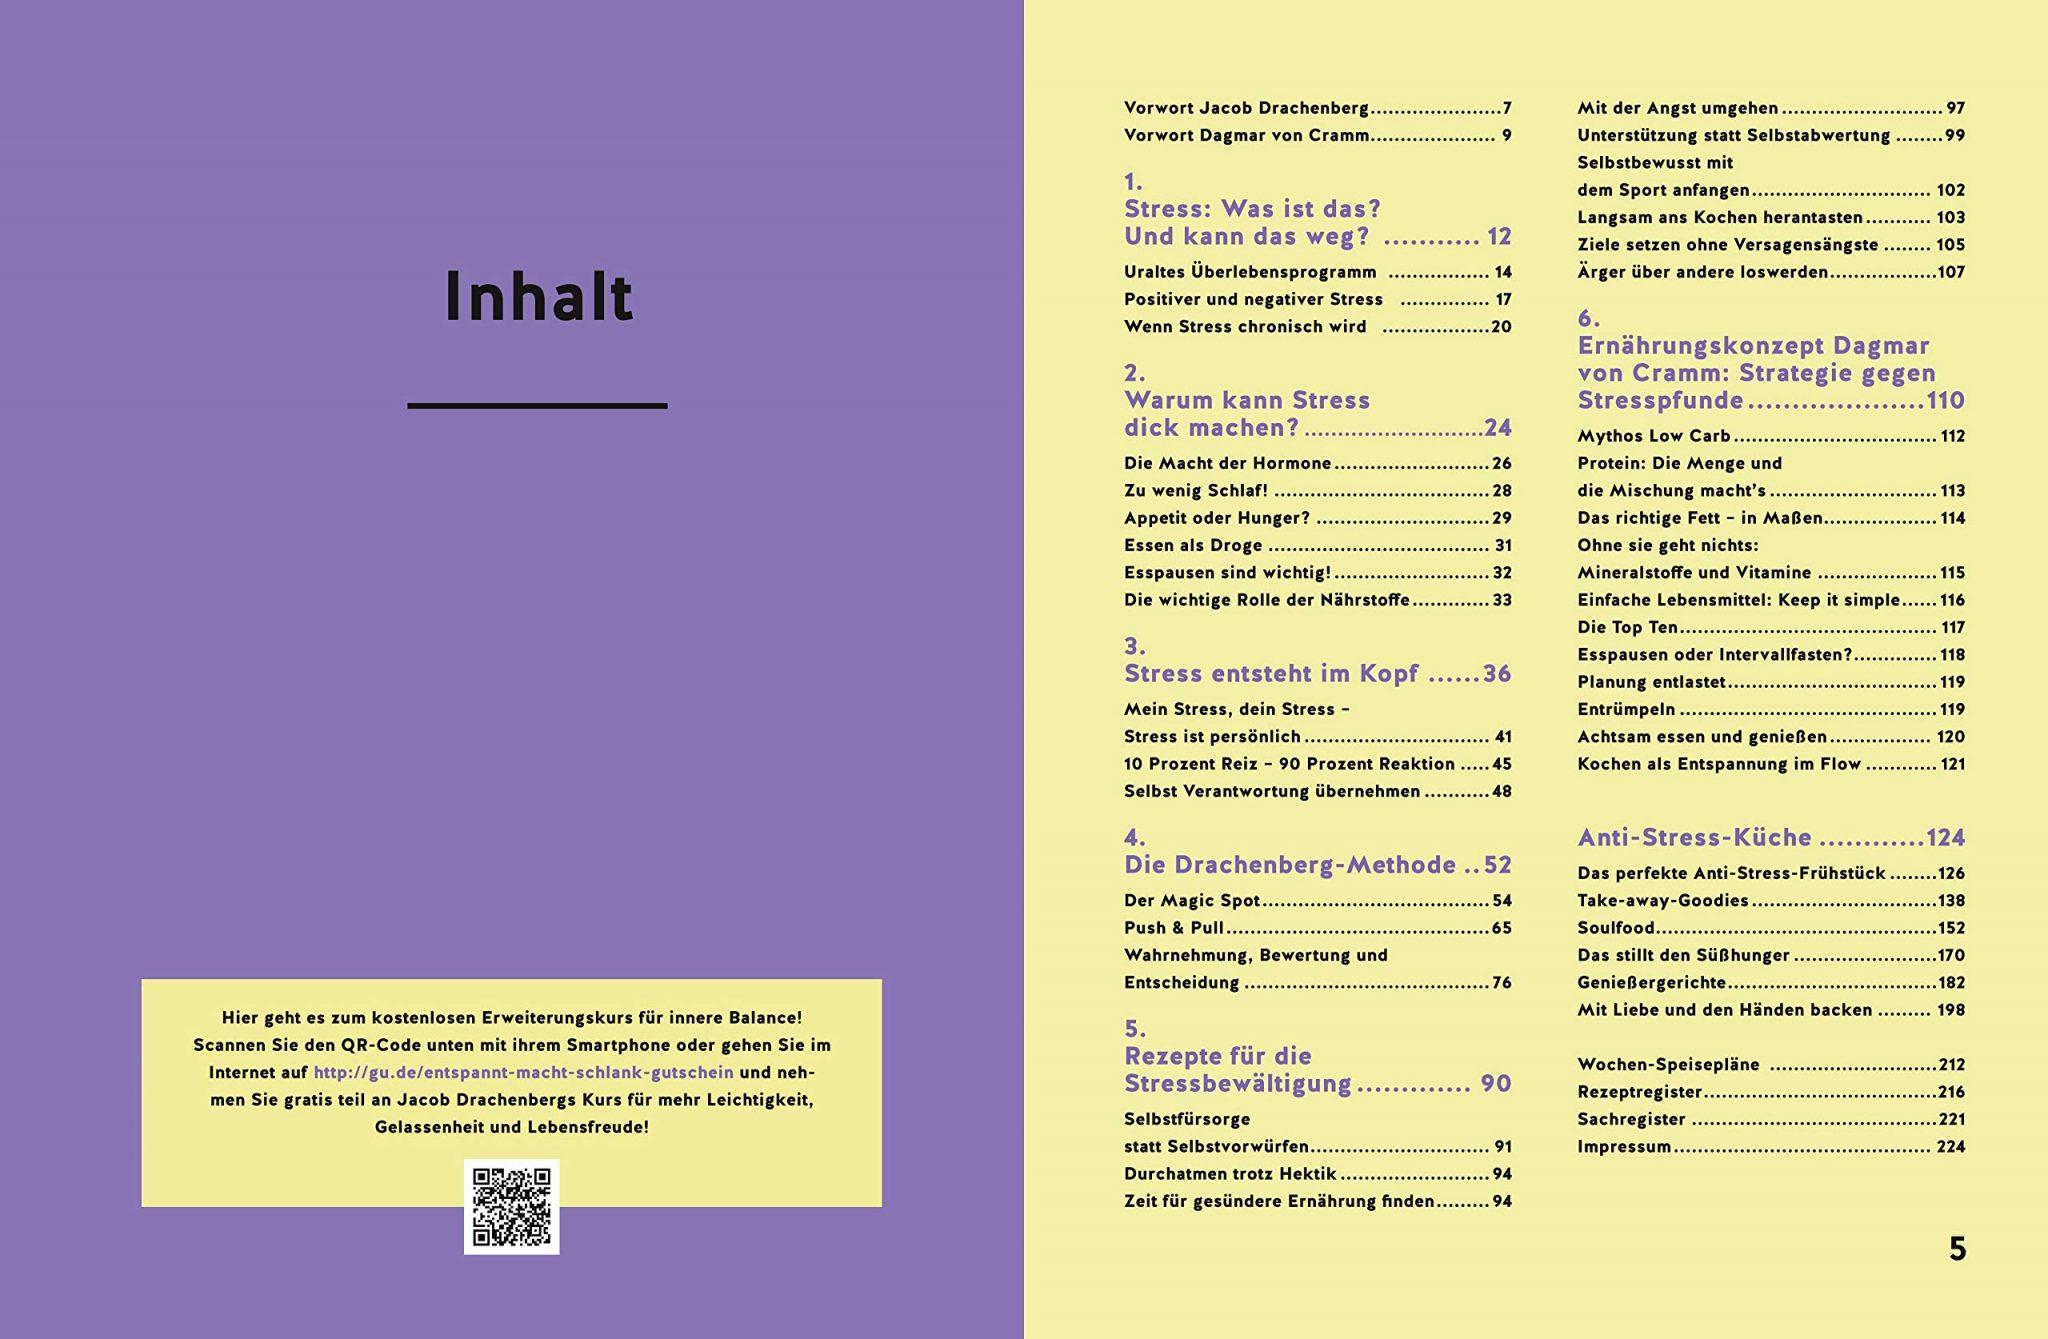 Inhaltsangabe Kochbuch